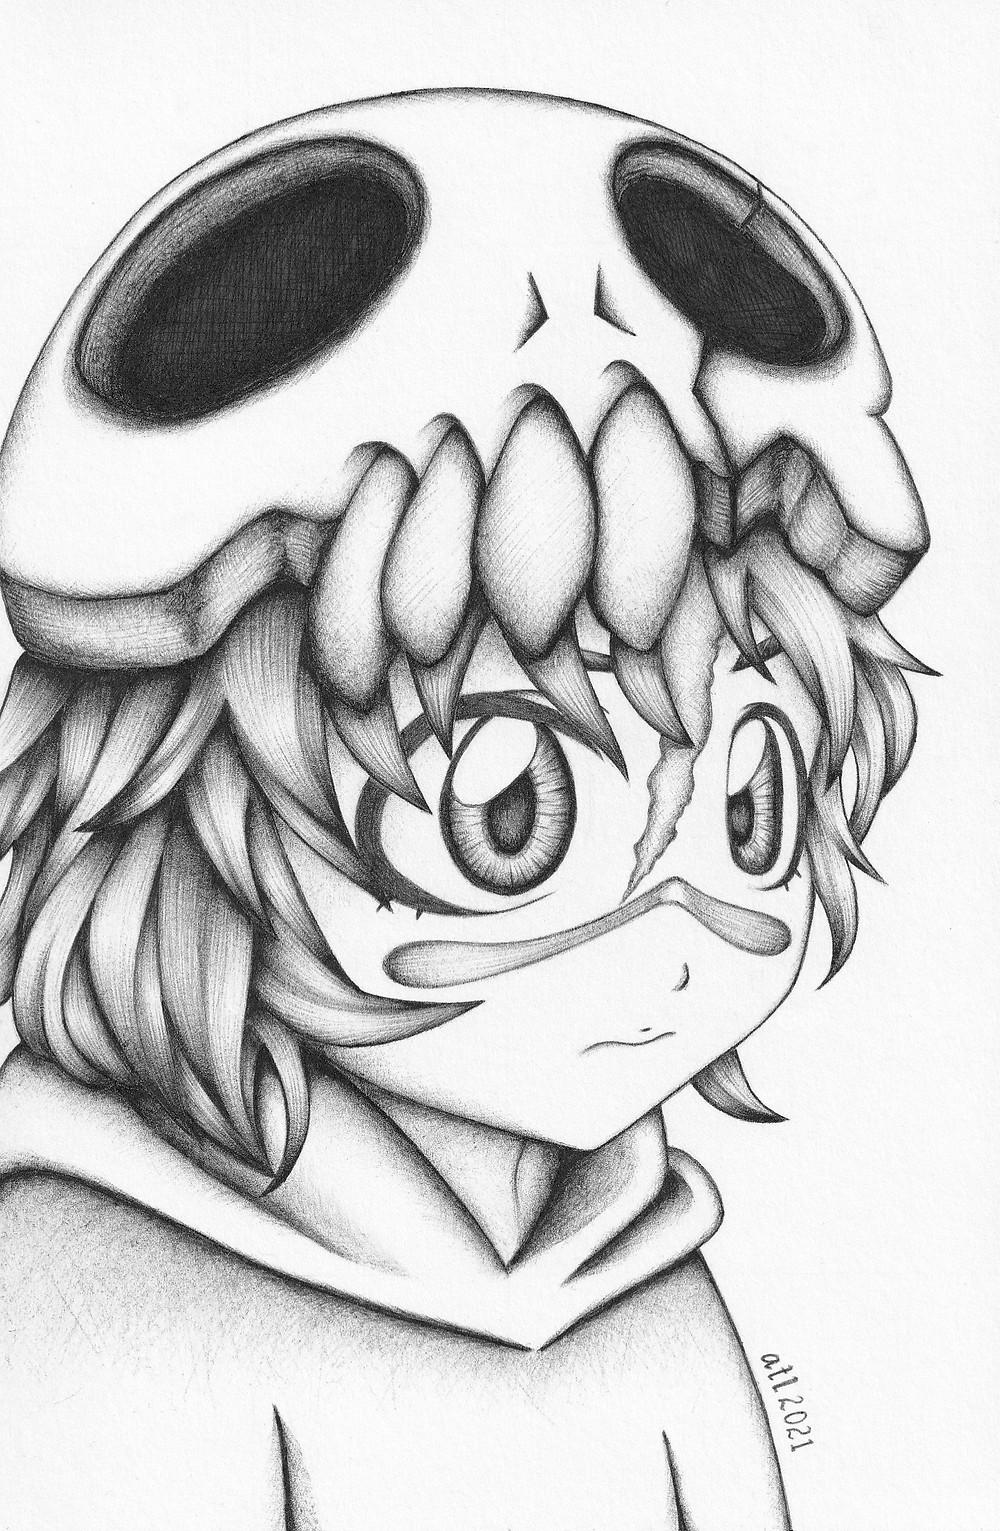 Biro, Ballpen, Pen art of Nel from anime Bleach. Black and white anime drawing by Anna Legaspi Art